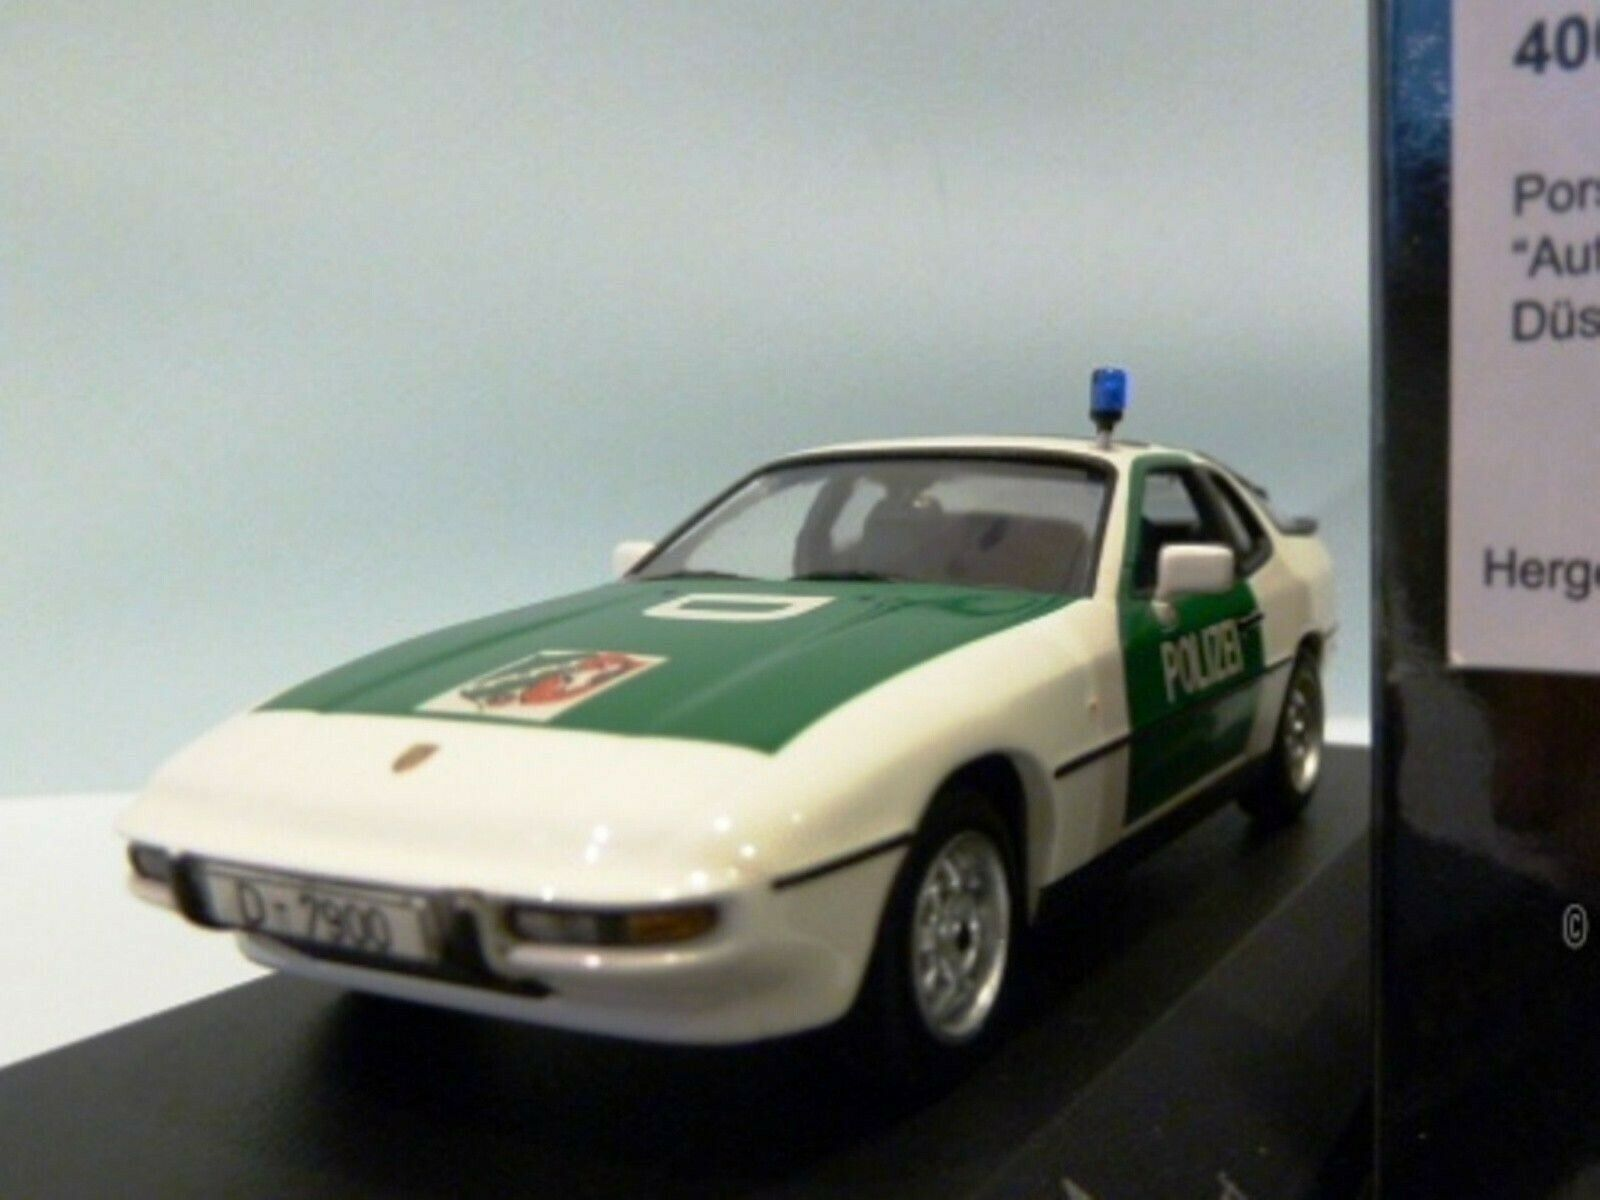 Wow extrêmement rare PORSCHE 924 2.5 L 1984 Police 1 43 Minichamps - 944-968 - SPARK-GT